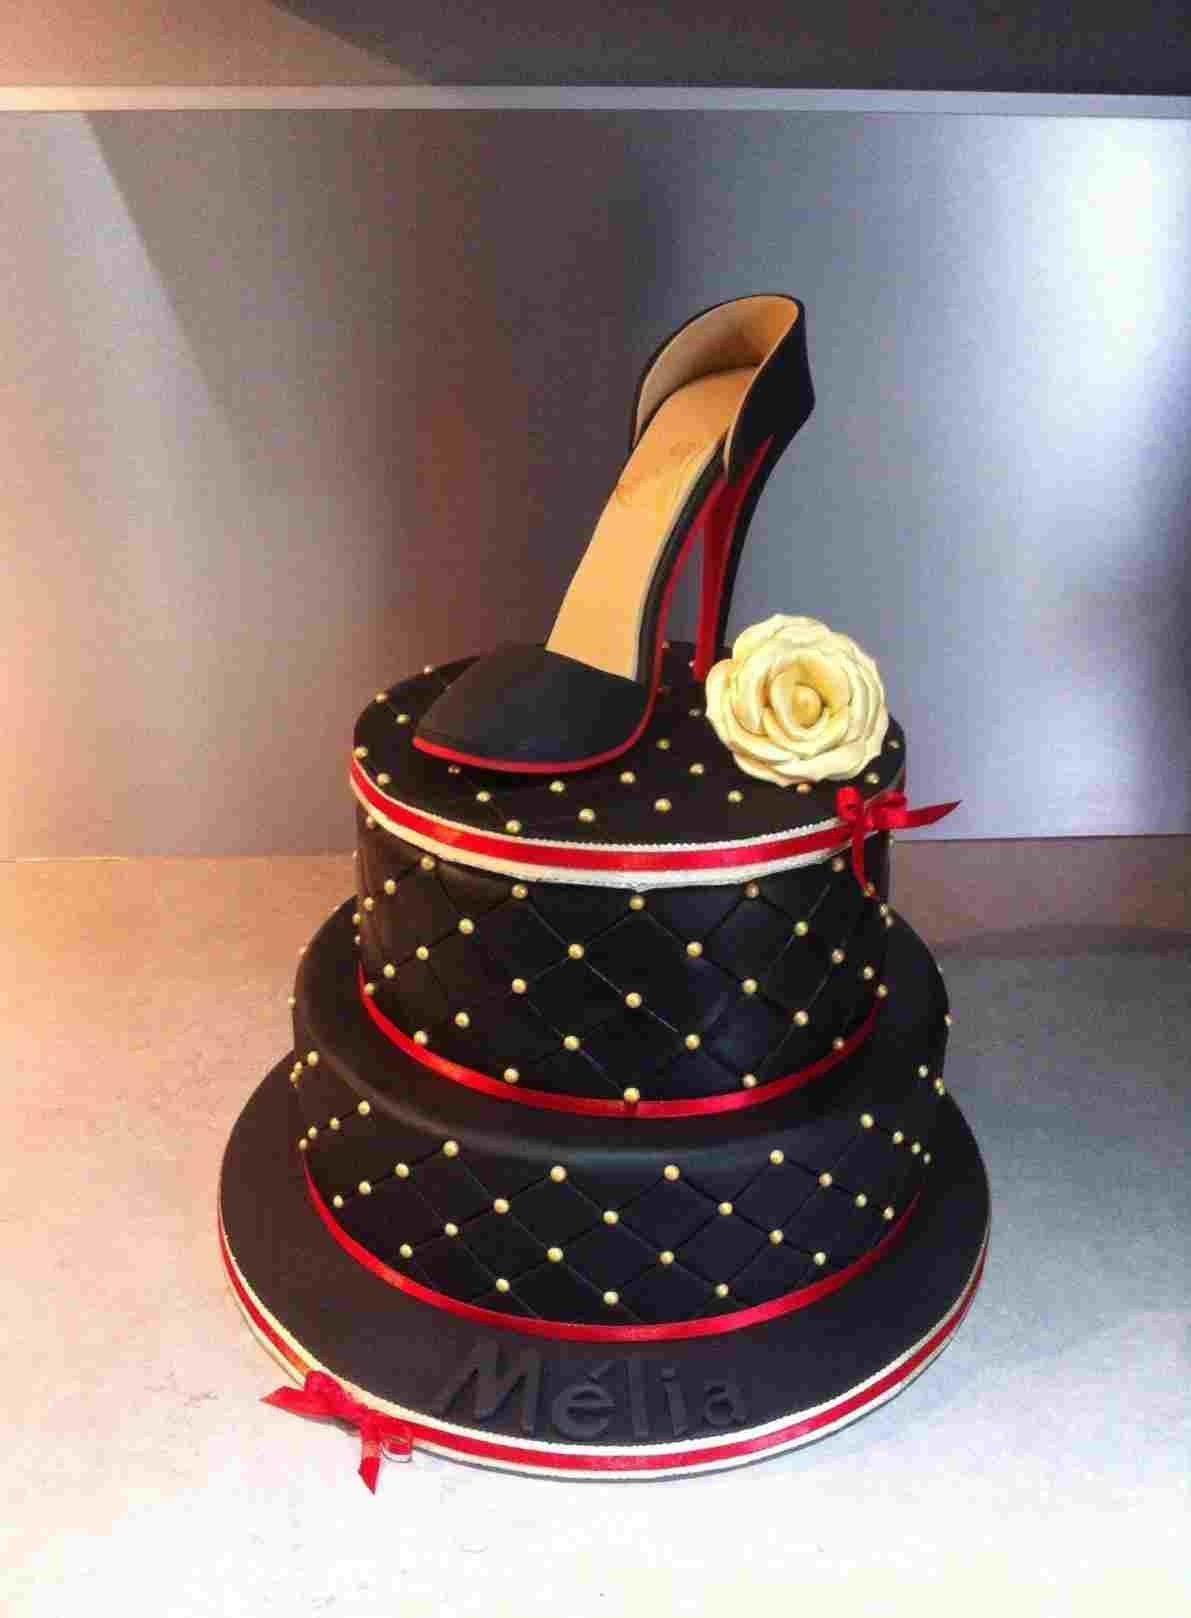 Wondrous 27 Exclusive Picture Of Happy Birthday Shoe Cake Happy Birthday Funny Birthday Cards Online Necthendildamsfinfo